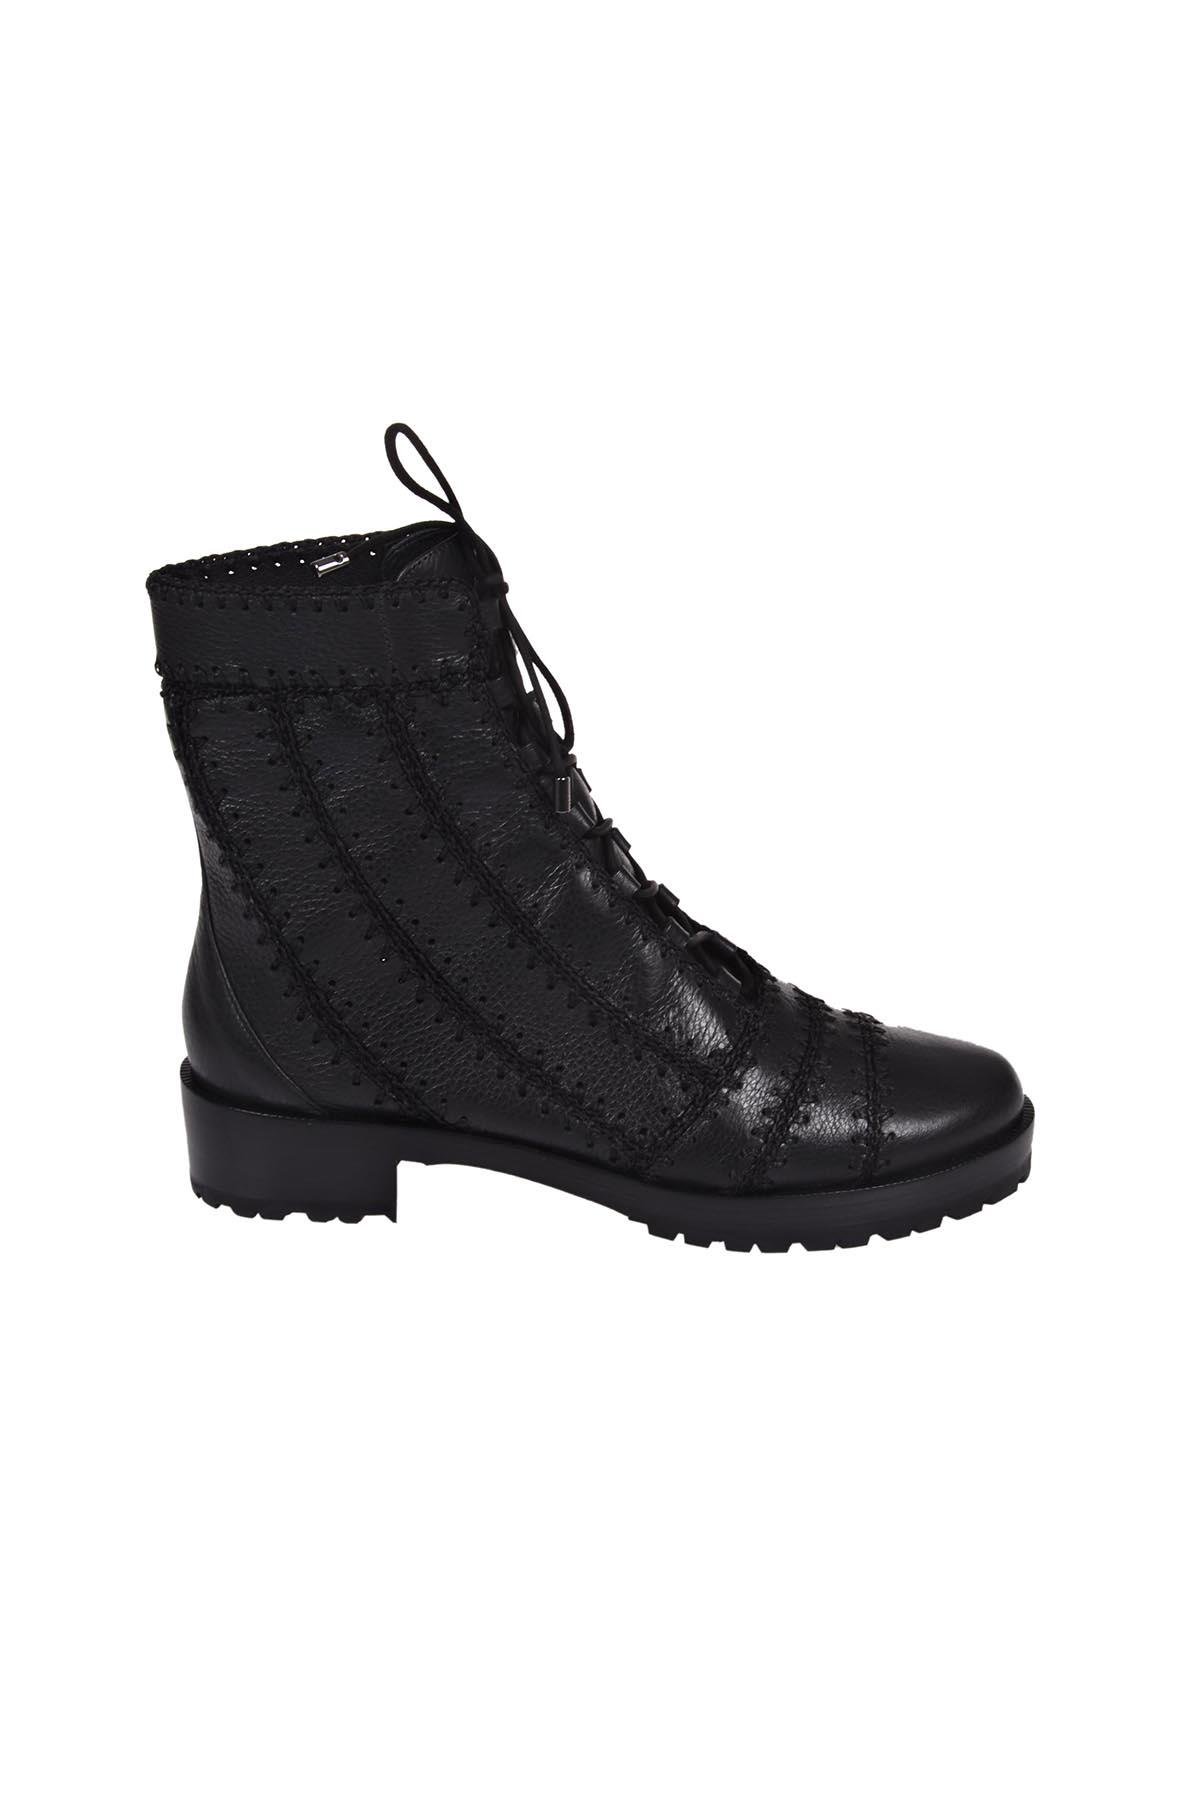 Alexandre Birman Regina Combat Shoes